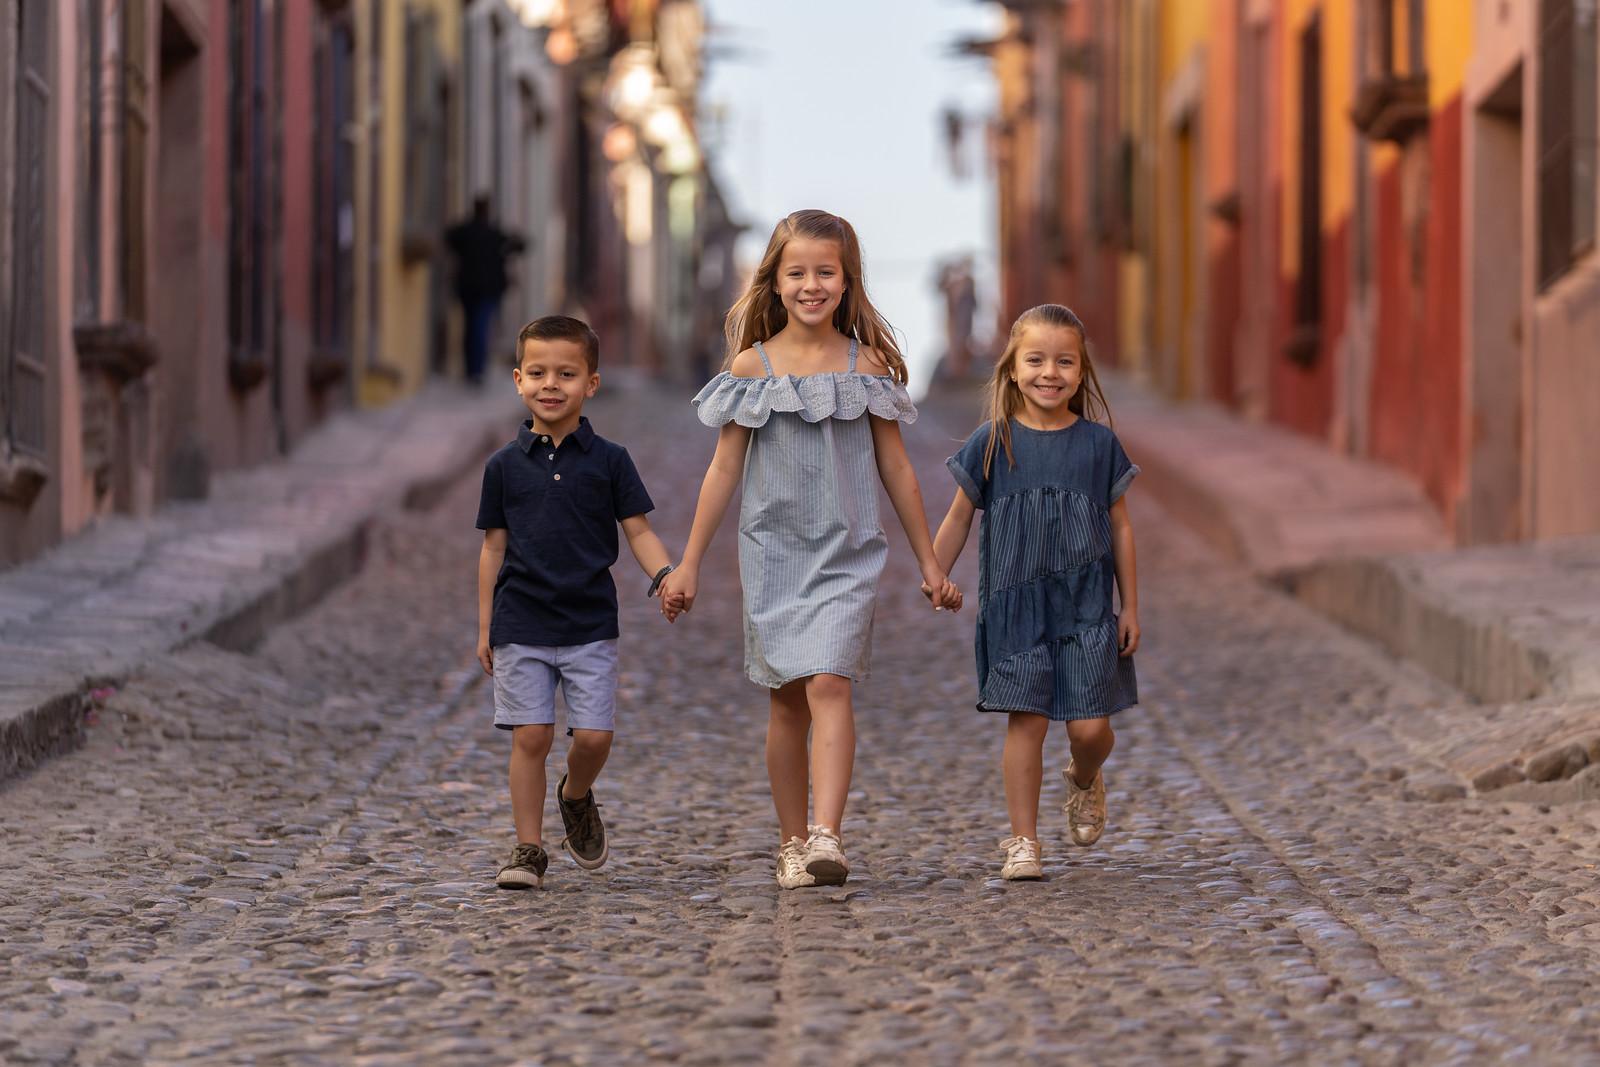 Sesion de Fotos Familiar en San Miguel de Allende con Jimena y su Familia-34.jpg